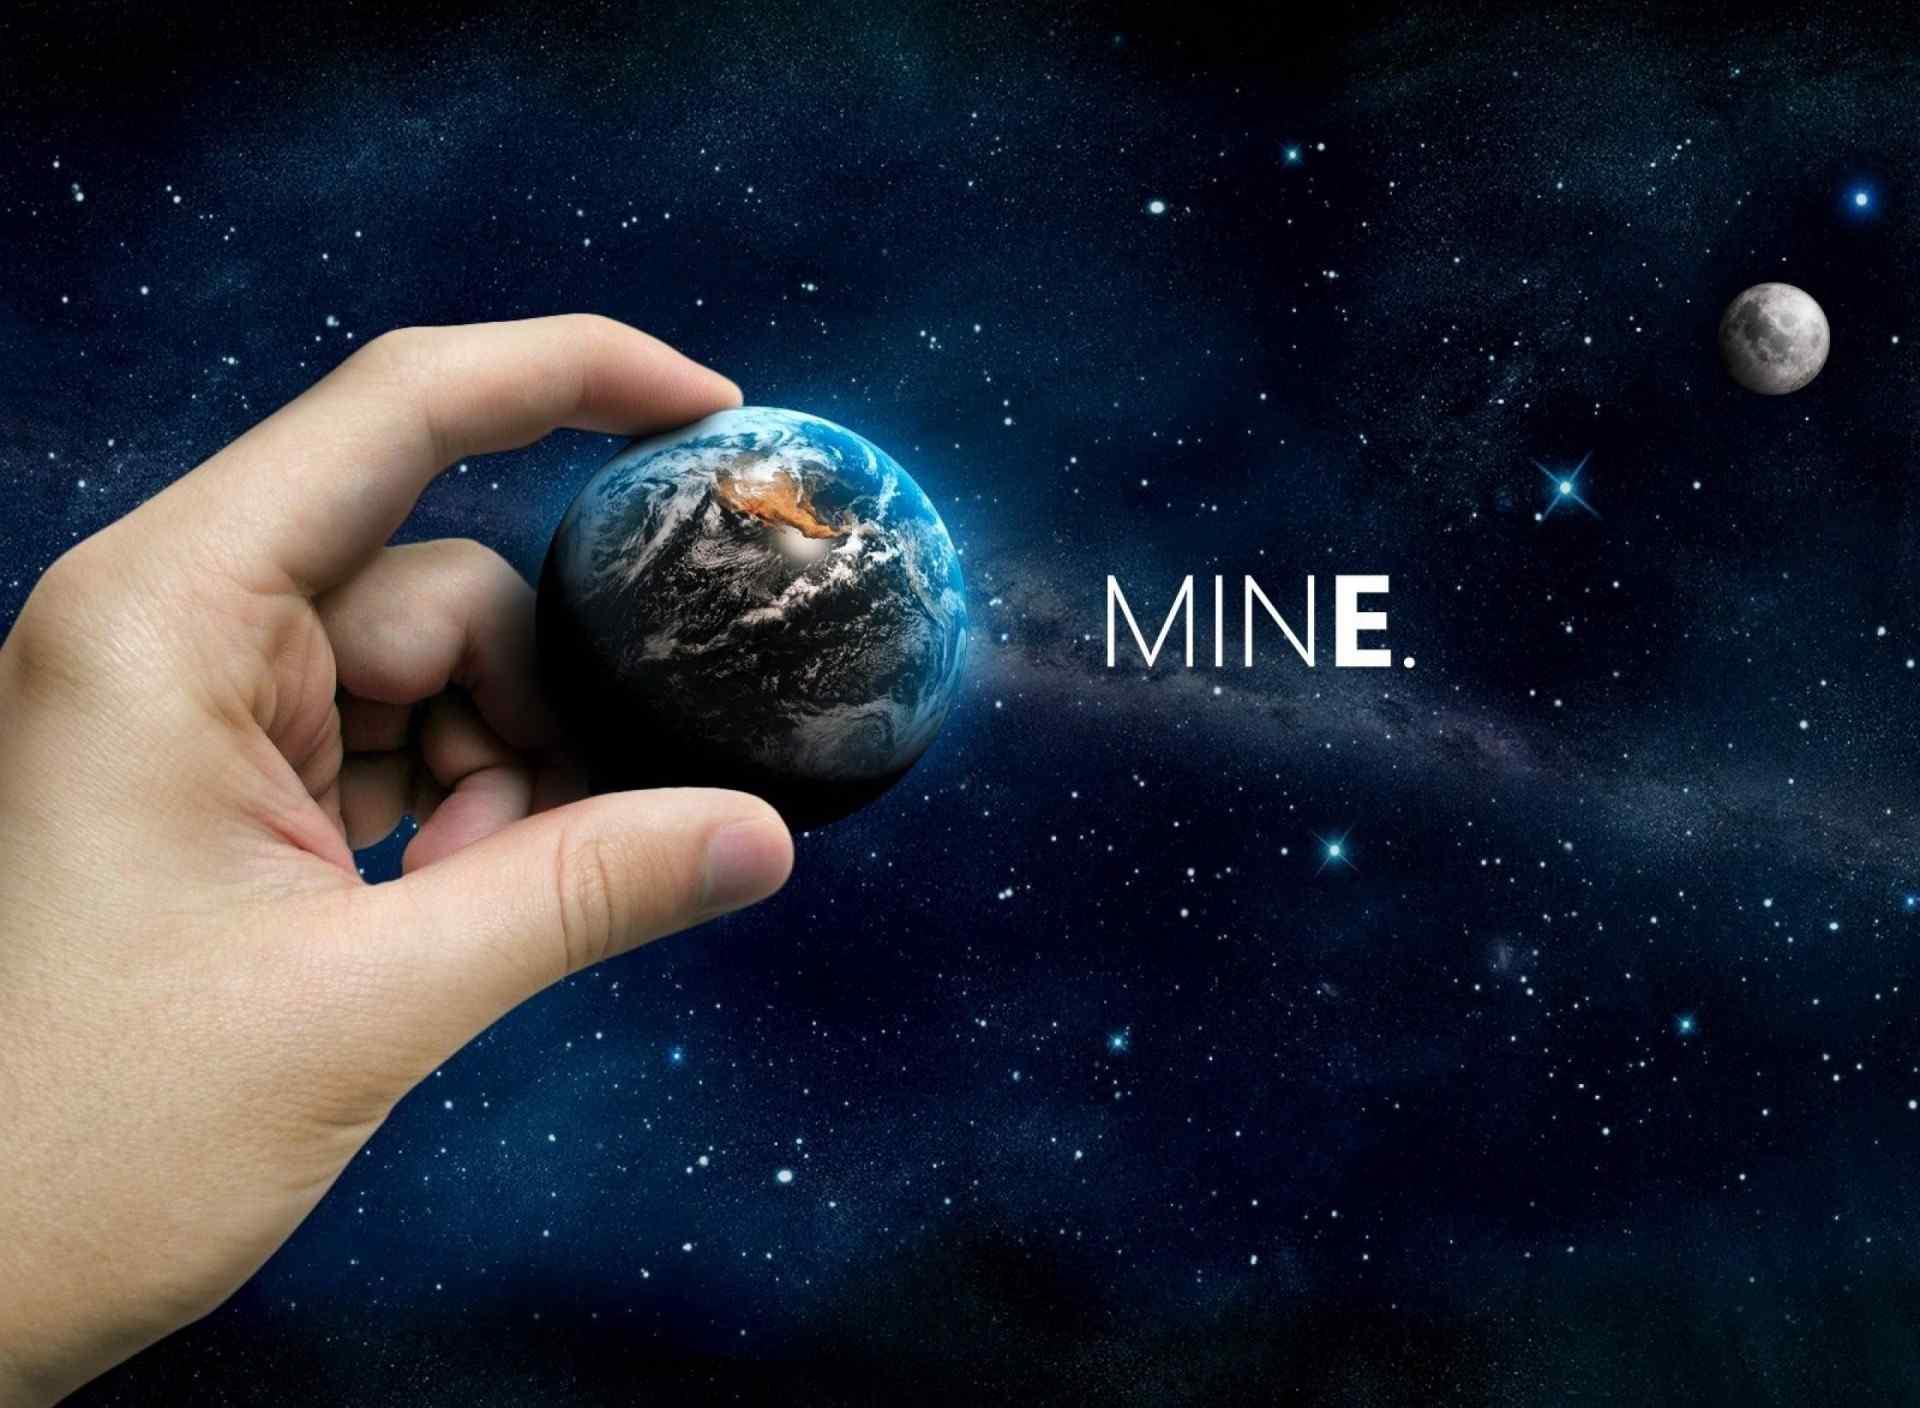 手中的地球创意设计桌面壁纸下载